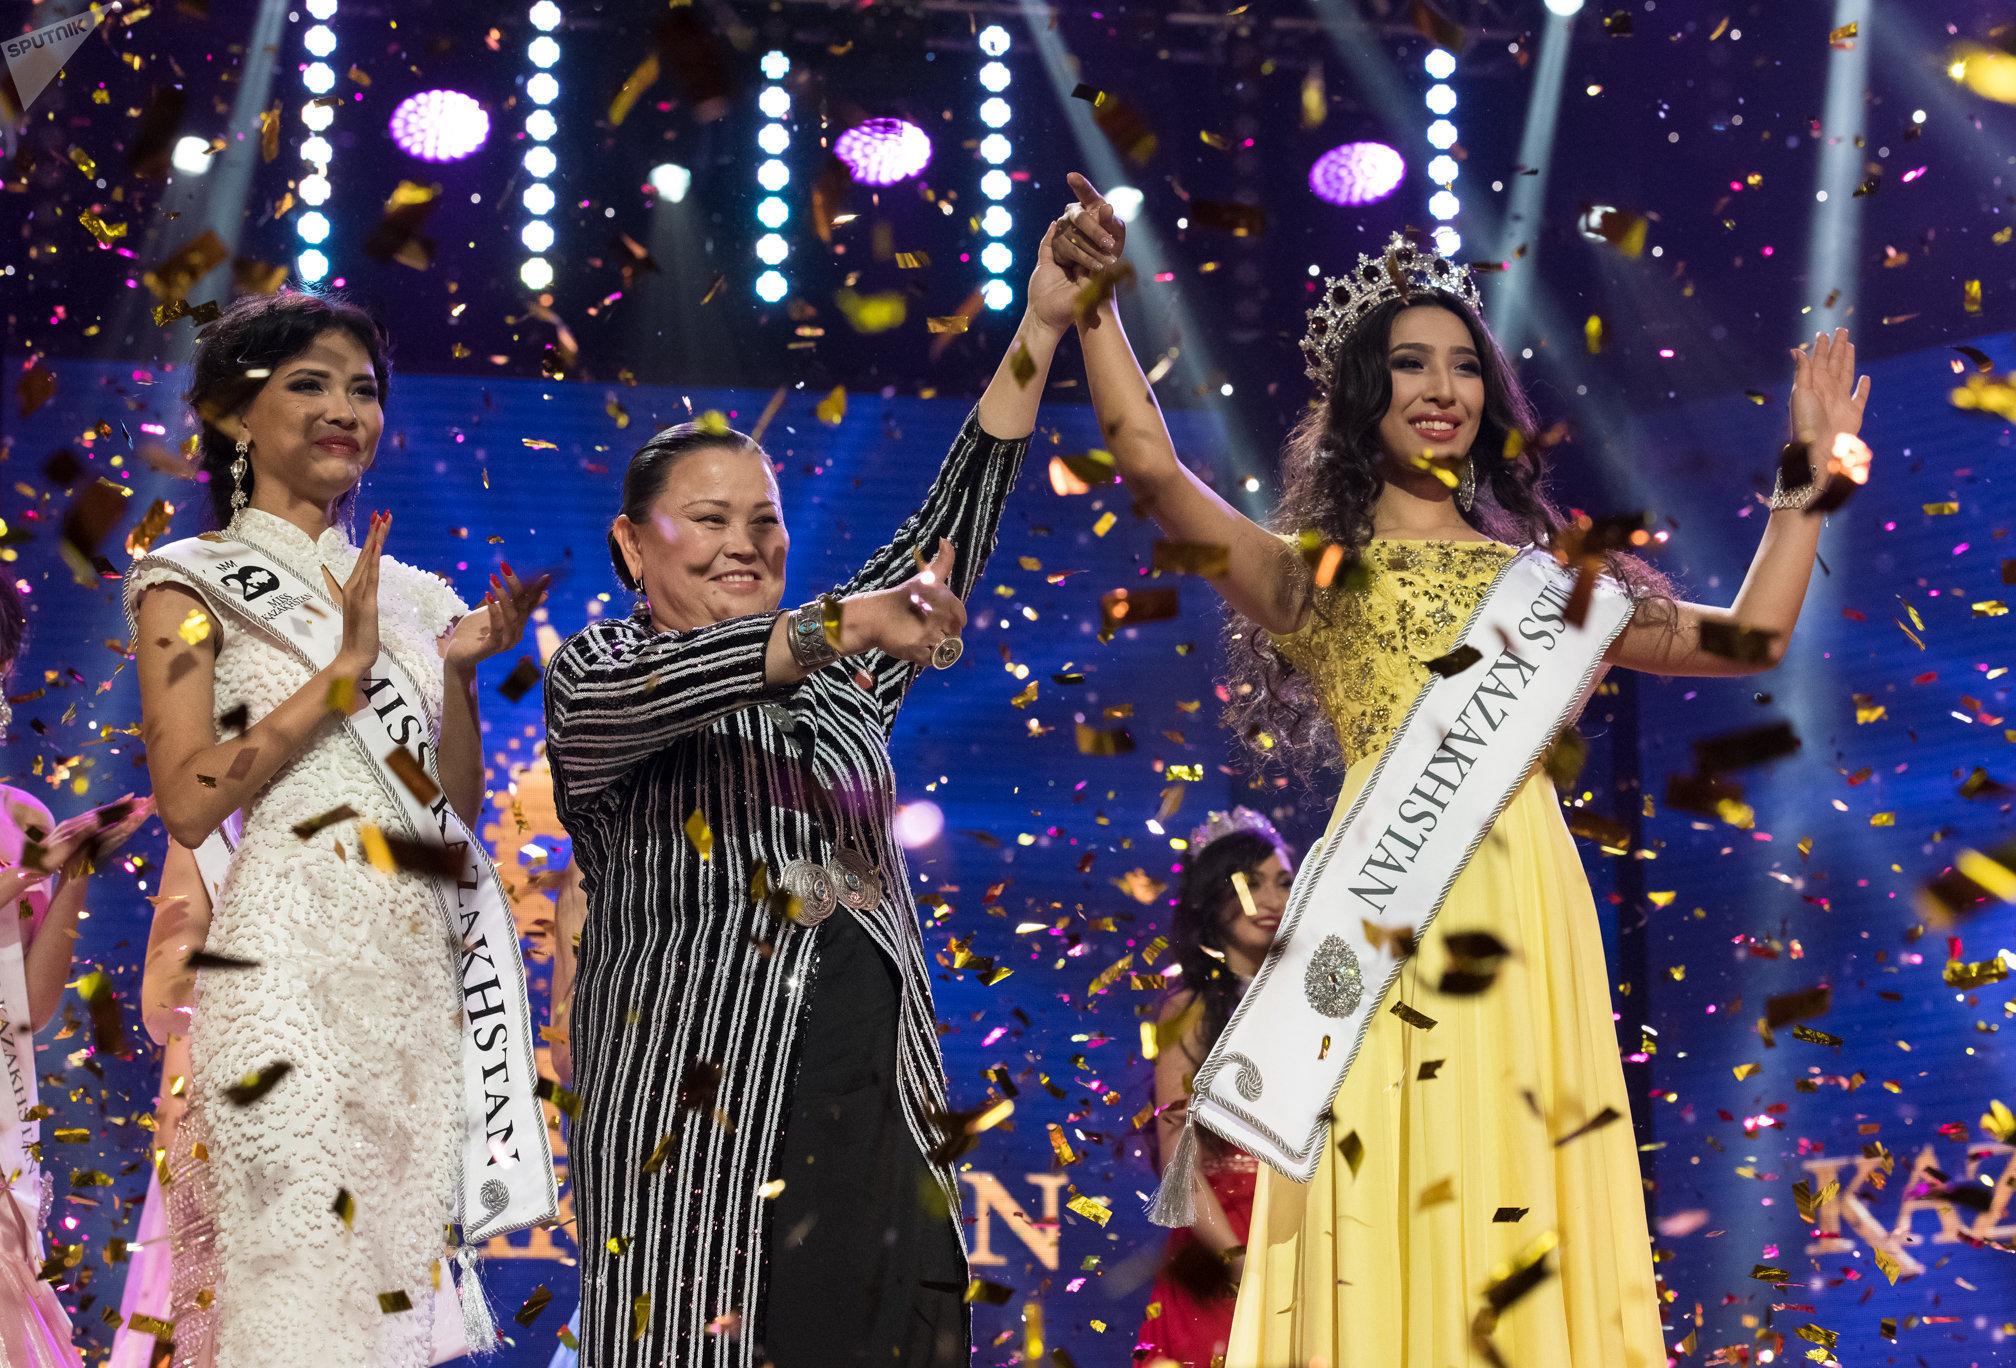 Церемония награждения победительницы конкурса Мисс Казахстан Альфии Ерсайын